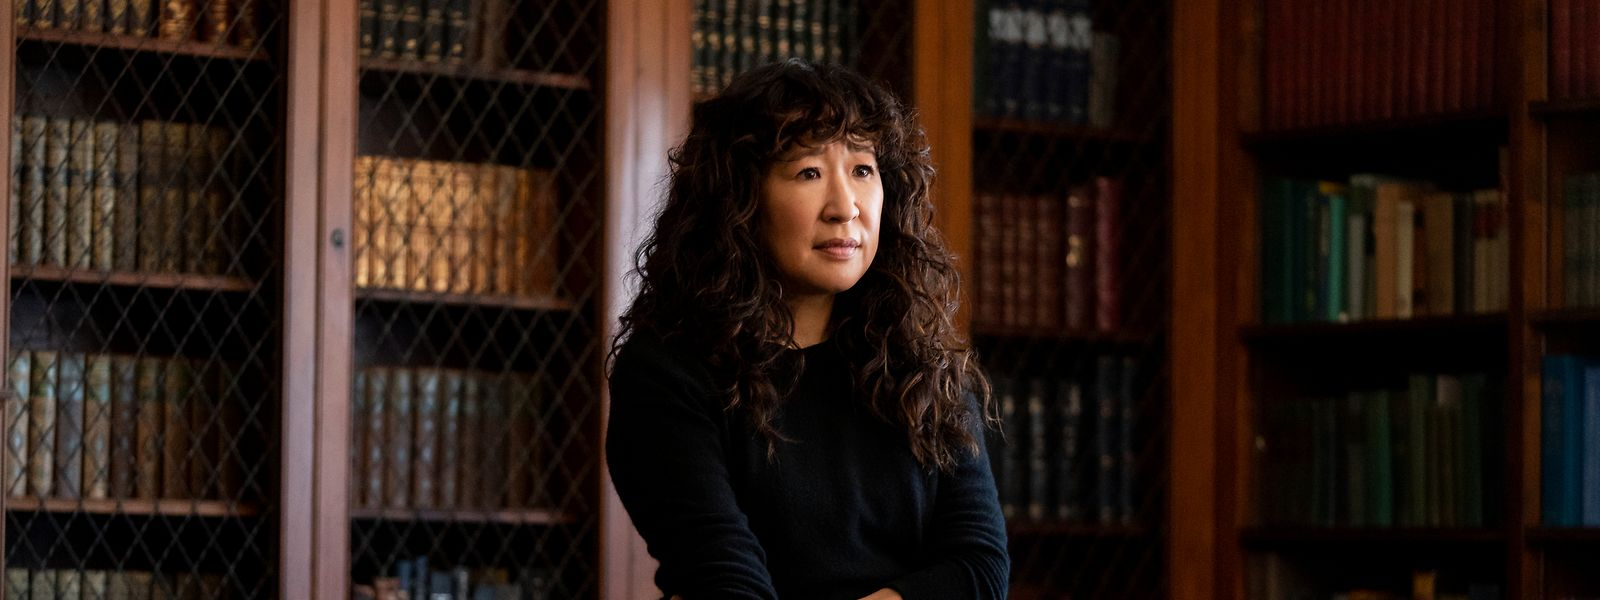 """Vom Krankenhaus in """"Grey's Anatomy"""" zu einem Uniposten: Sandra Oh spielt die Professorin, die frischen Wind auf den Campus bringen soll."""